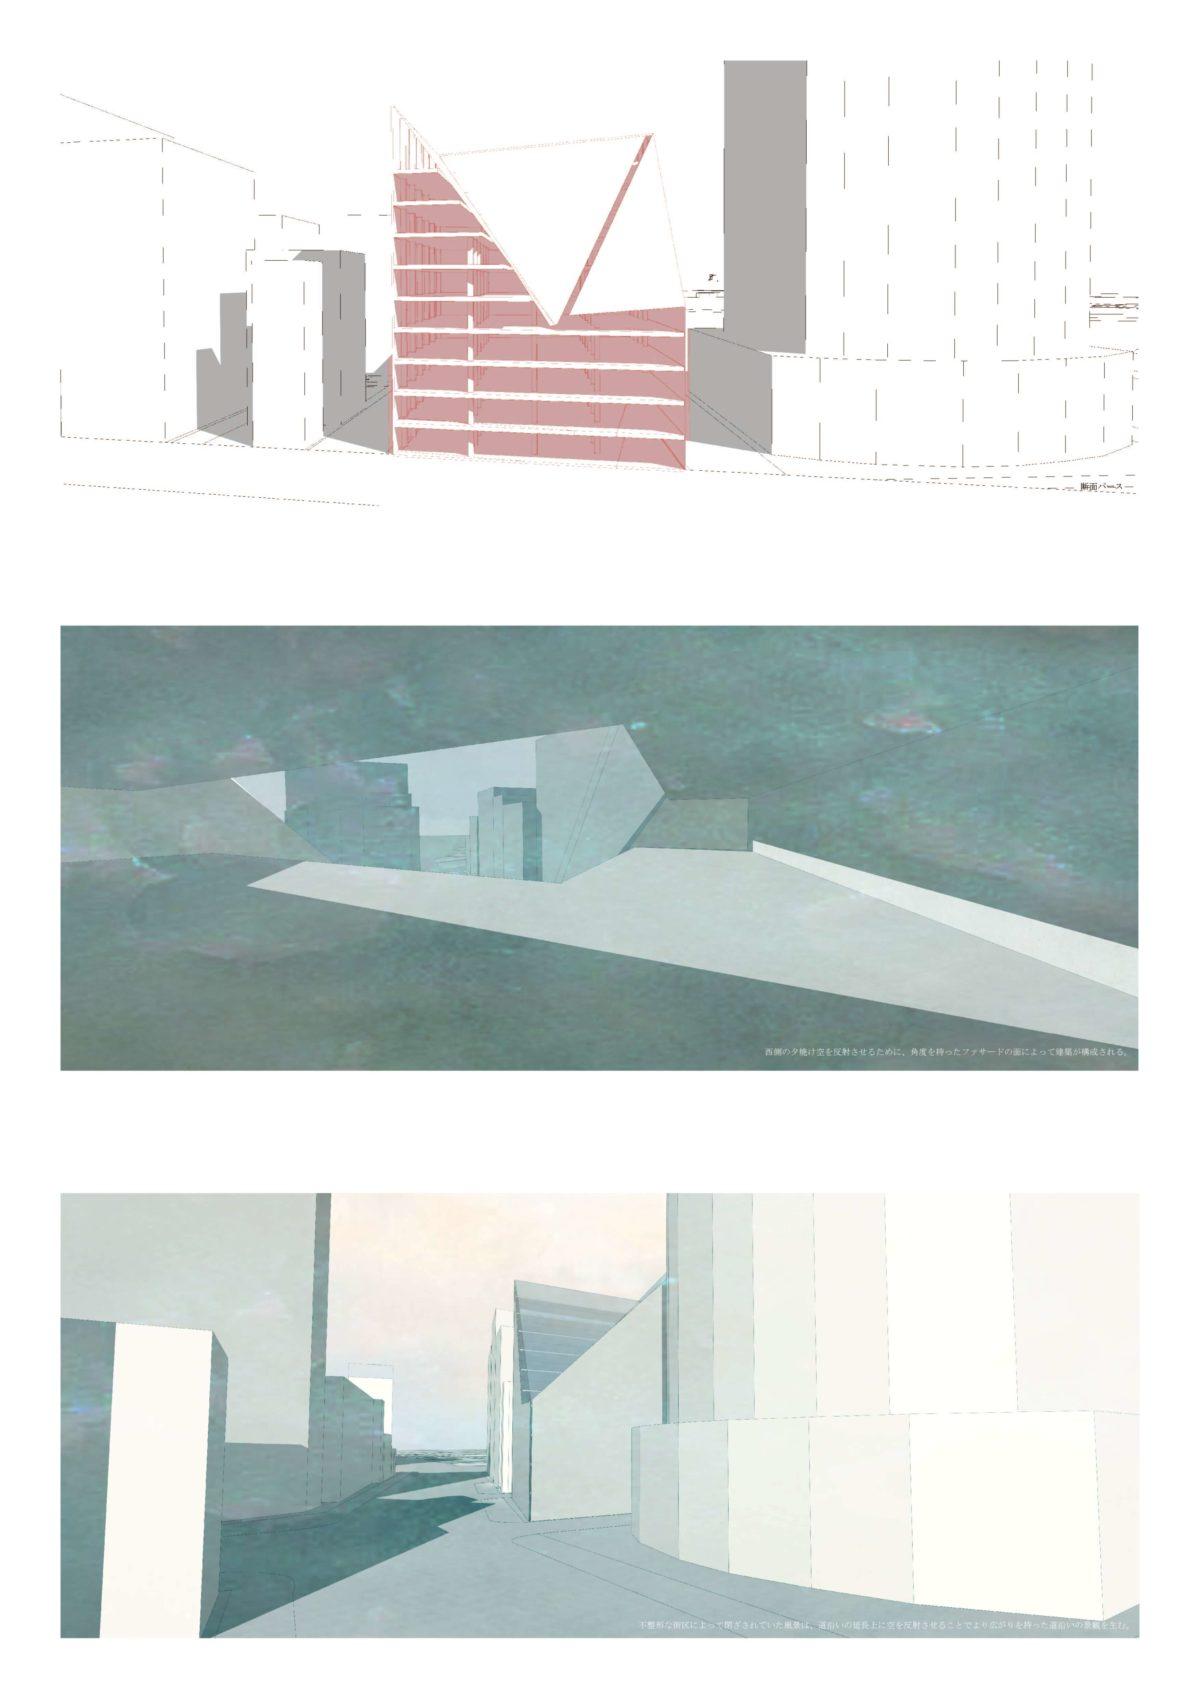 風景を想起する第五世代美術館建築 -歌川広重による名所江戸百景の分析を通して--20